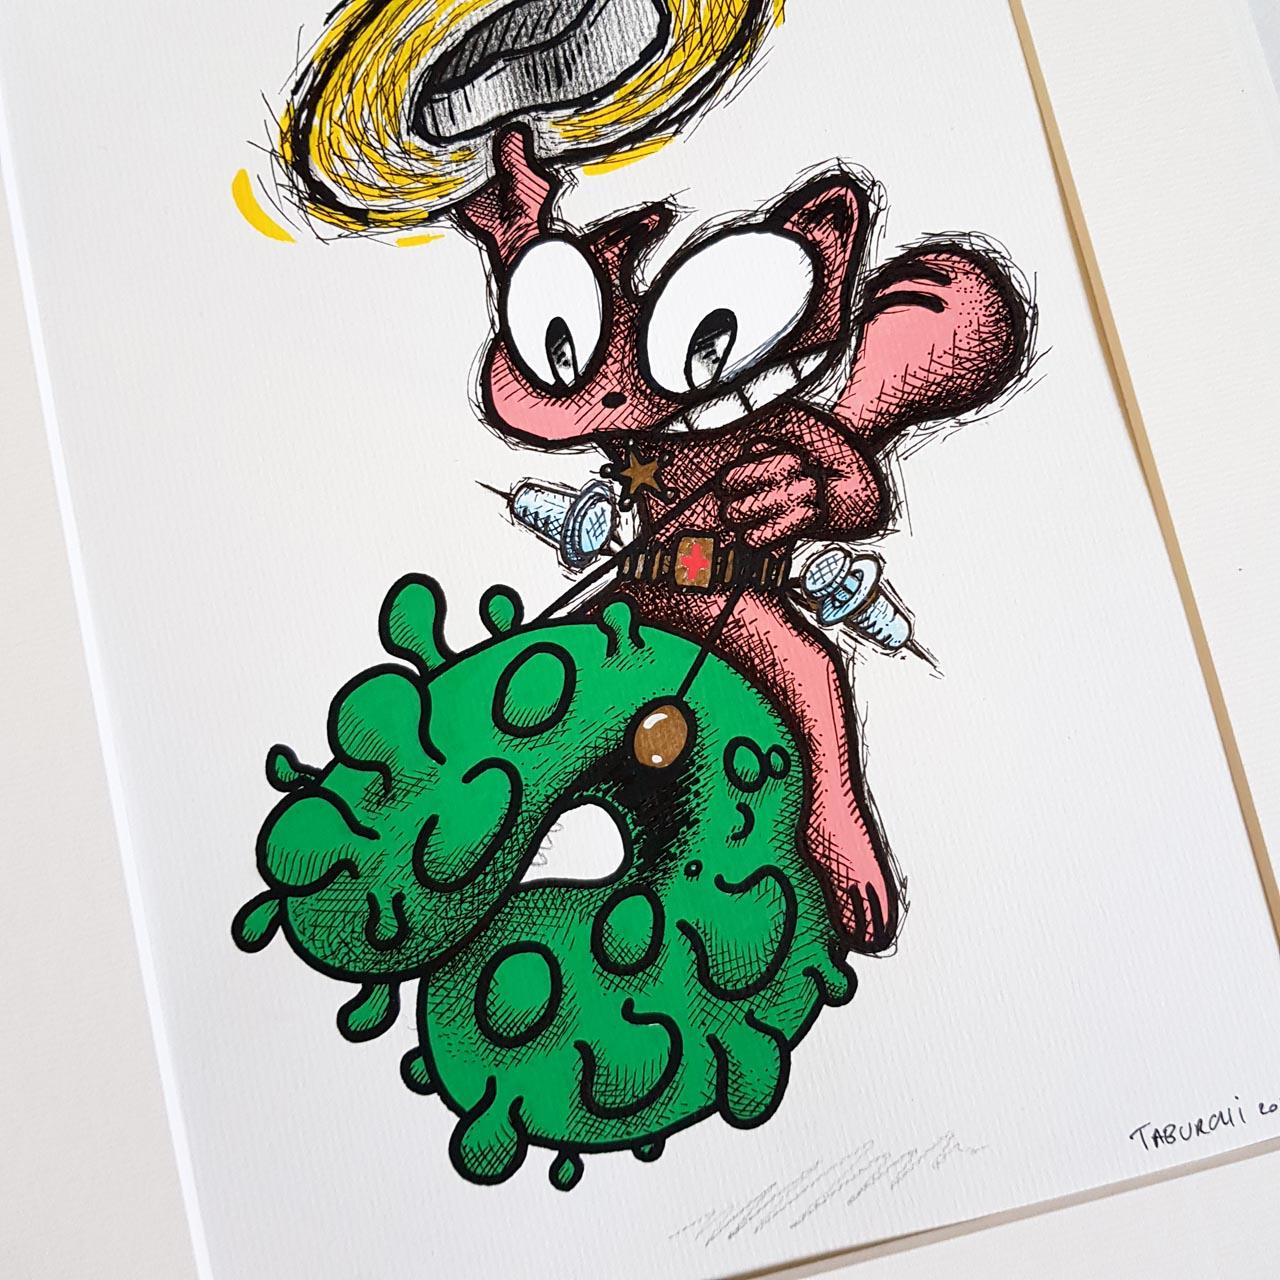 dessin-taburchi-rodeo3